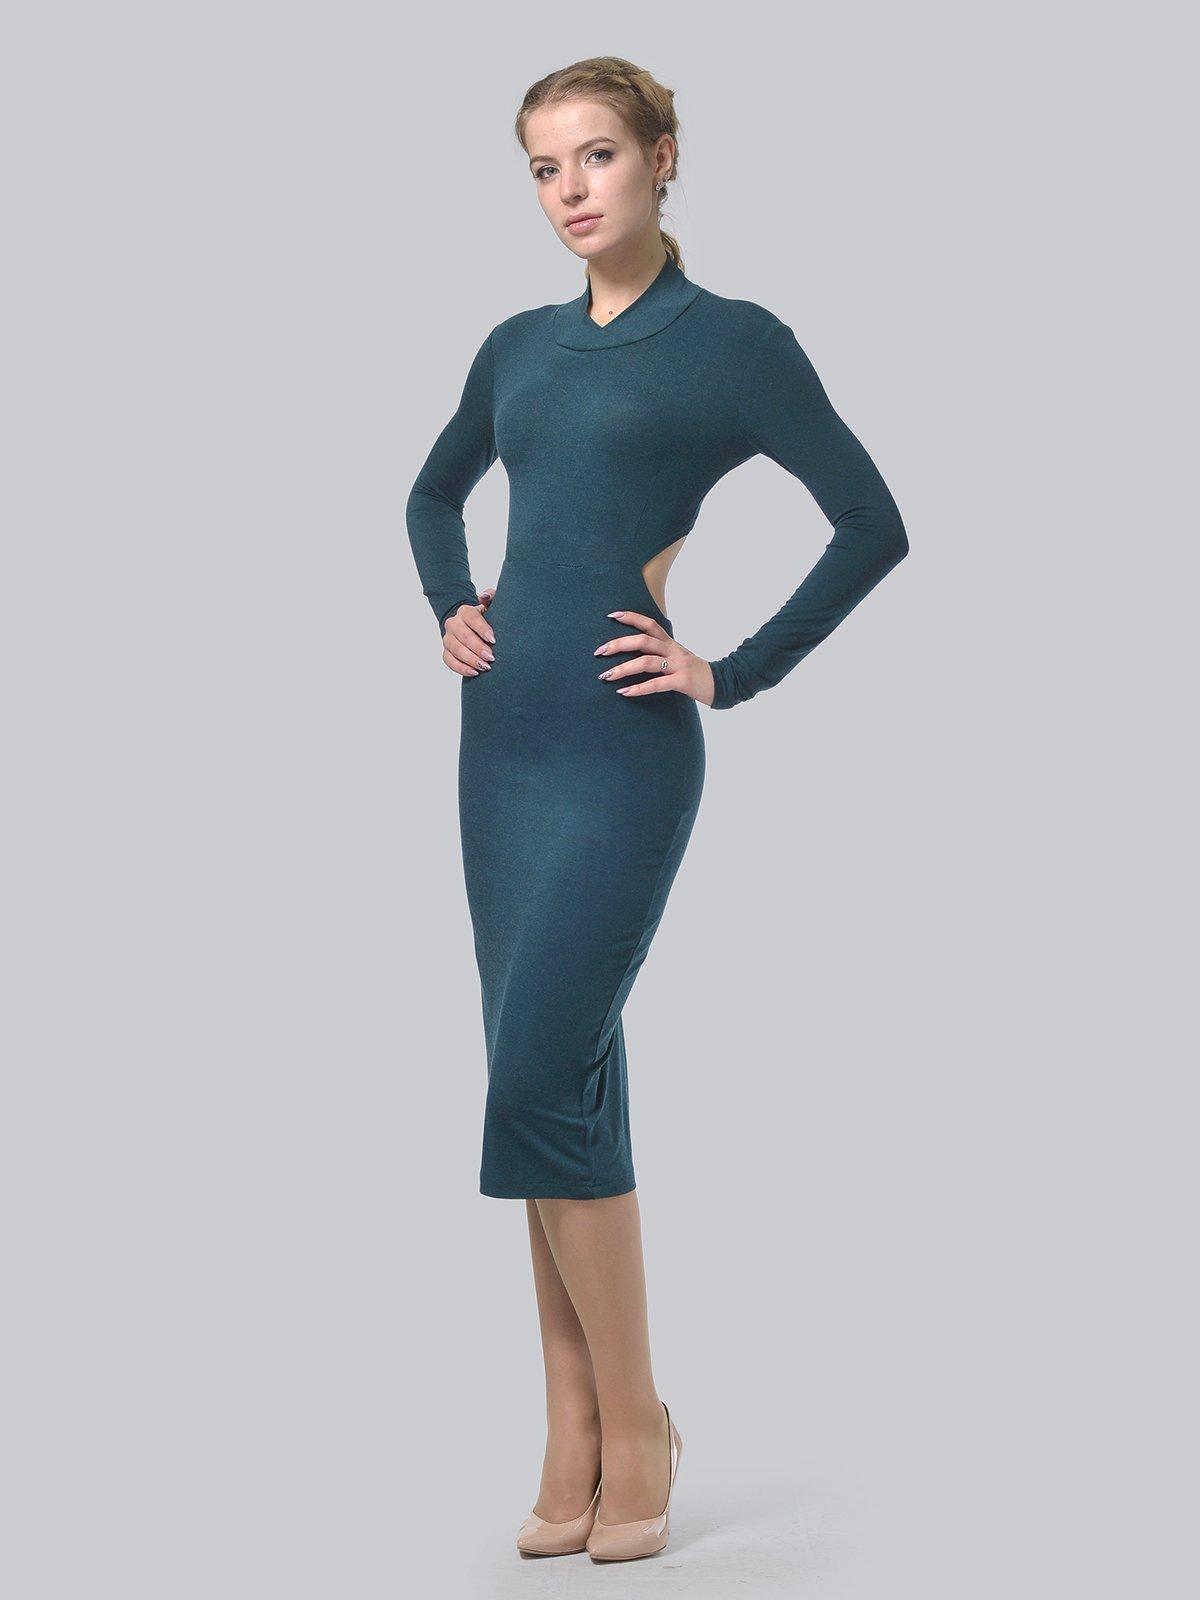 Платье темно-зеленое   3692902   фото 3